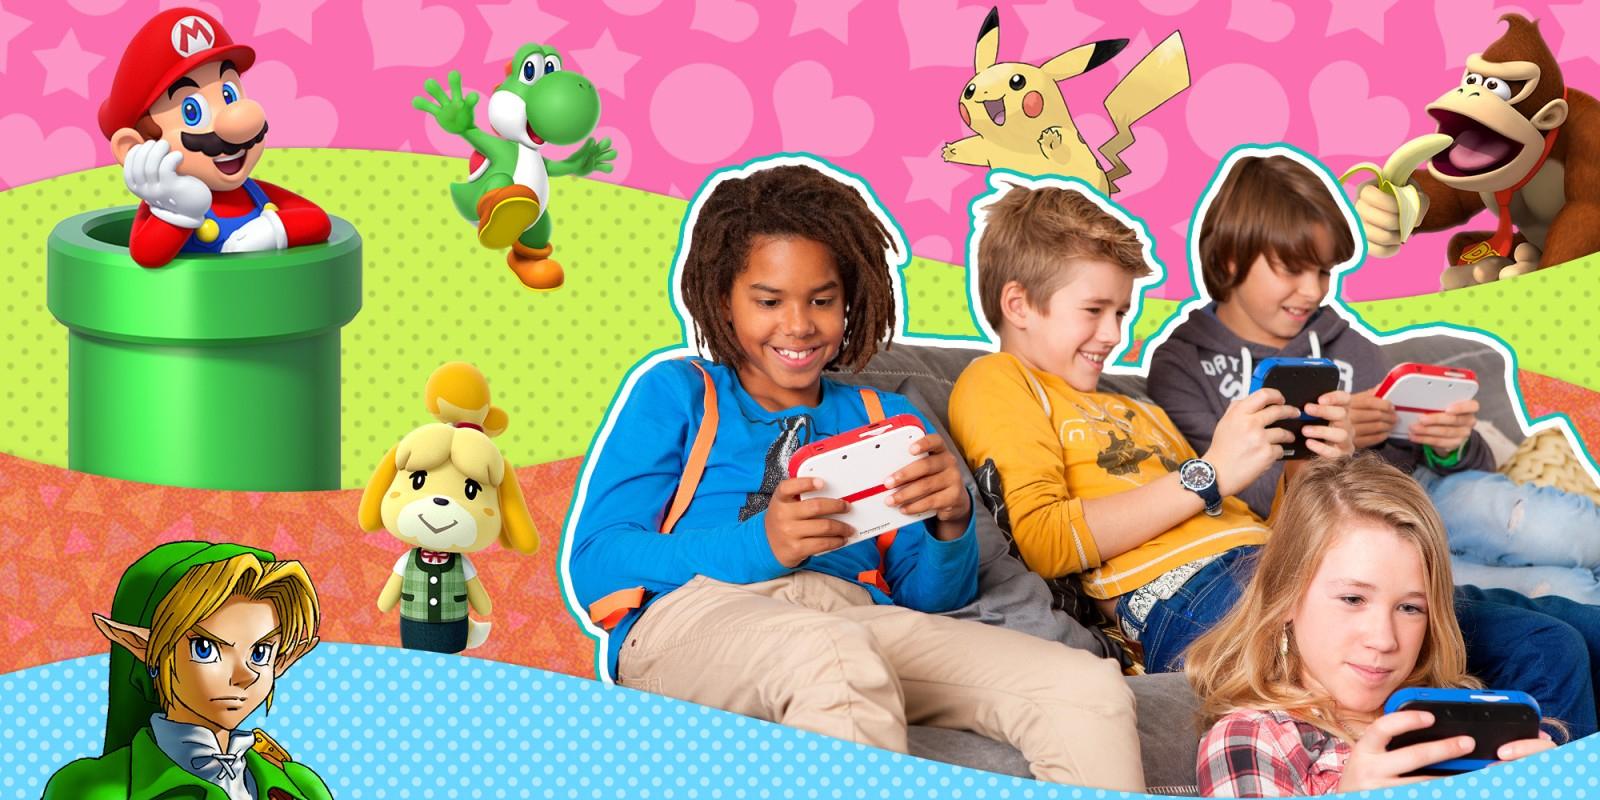 Jeux Nintendo Pour Les Enfants   Nintendo à Jeux Gratuit Enfant 3 Ans